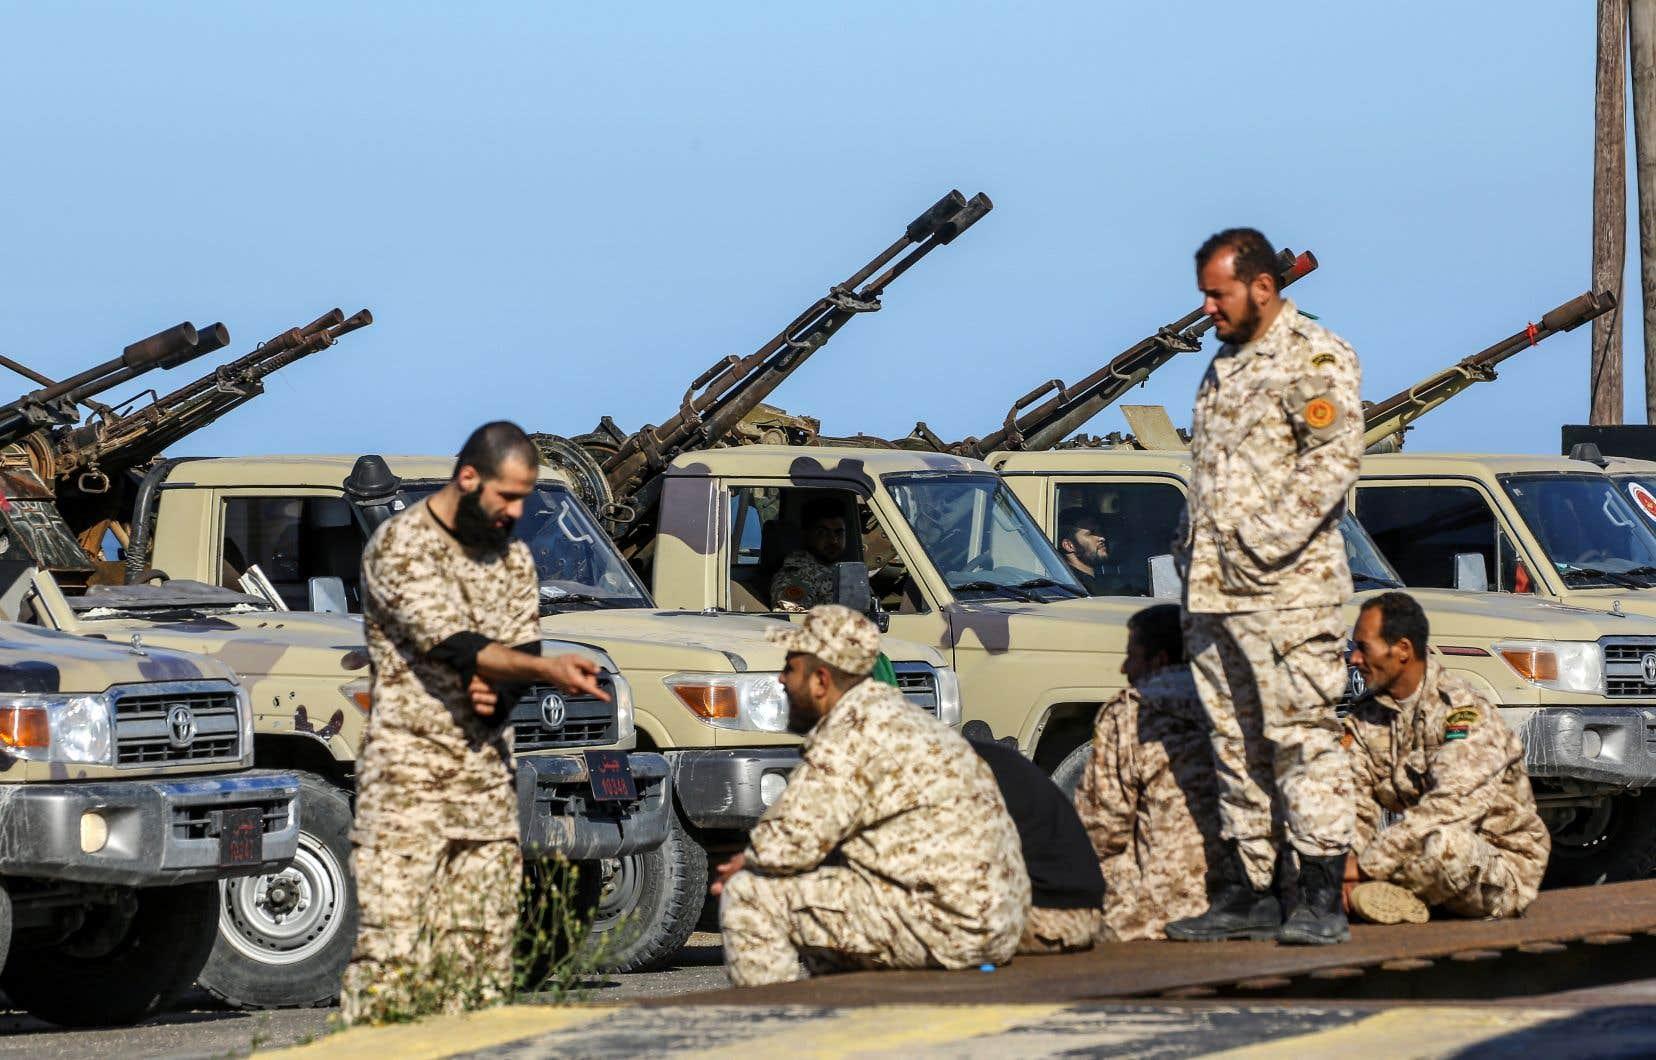 Pays riche en pétrole, la Libye est déchirée, depuis la chute du dictateur Mouammar Kadhafi en 2011, par de multiples conflits internes, mais l'offensive lancée jeudi par les forces du maréchal Haftar pour prendre Tripoli marque une nette dégradation entre les deux autorités se disputant le pouvoir.